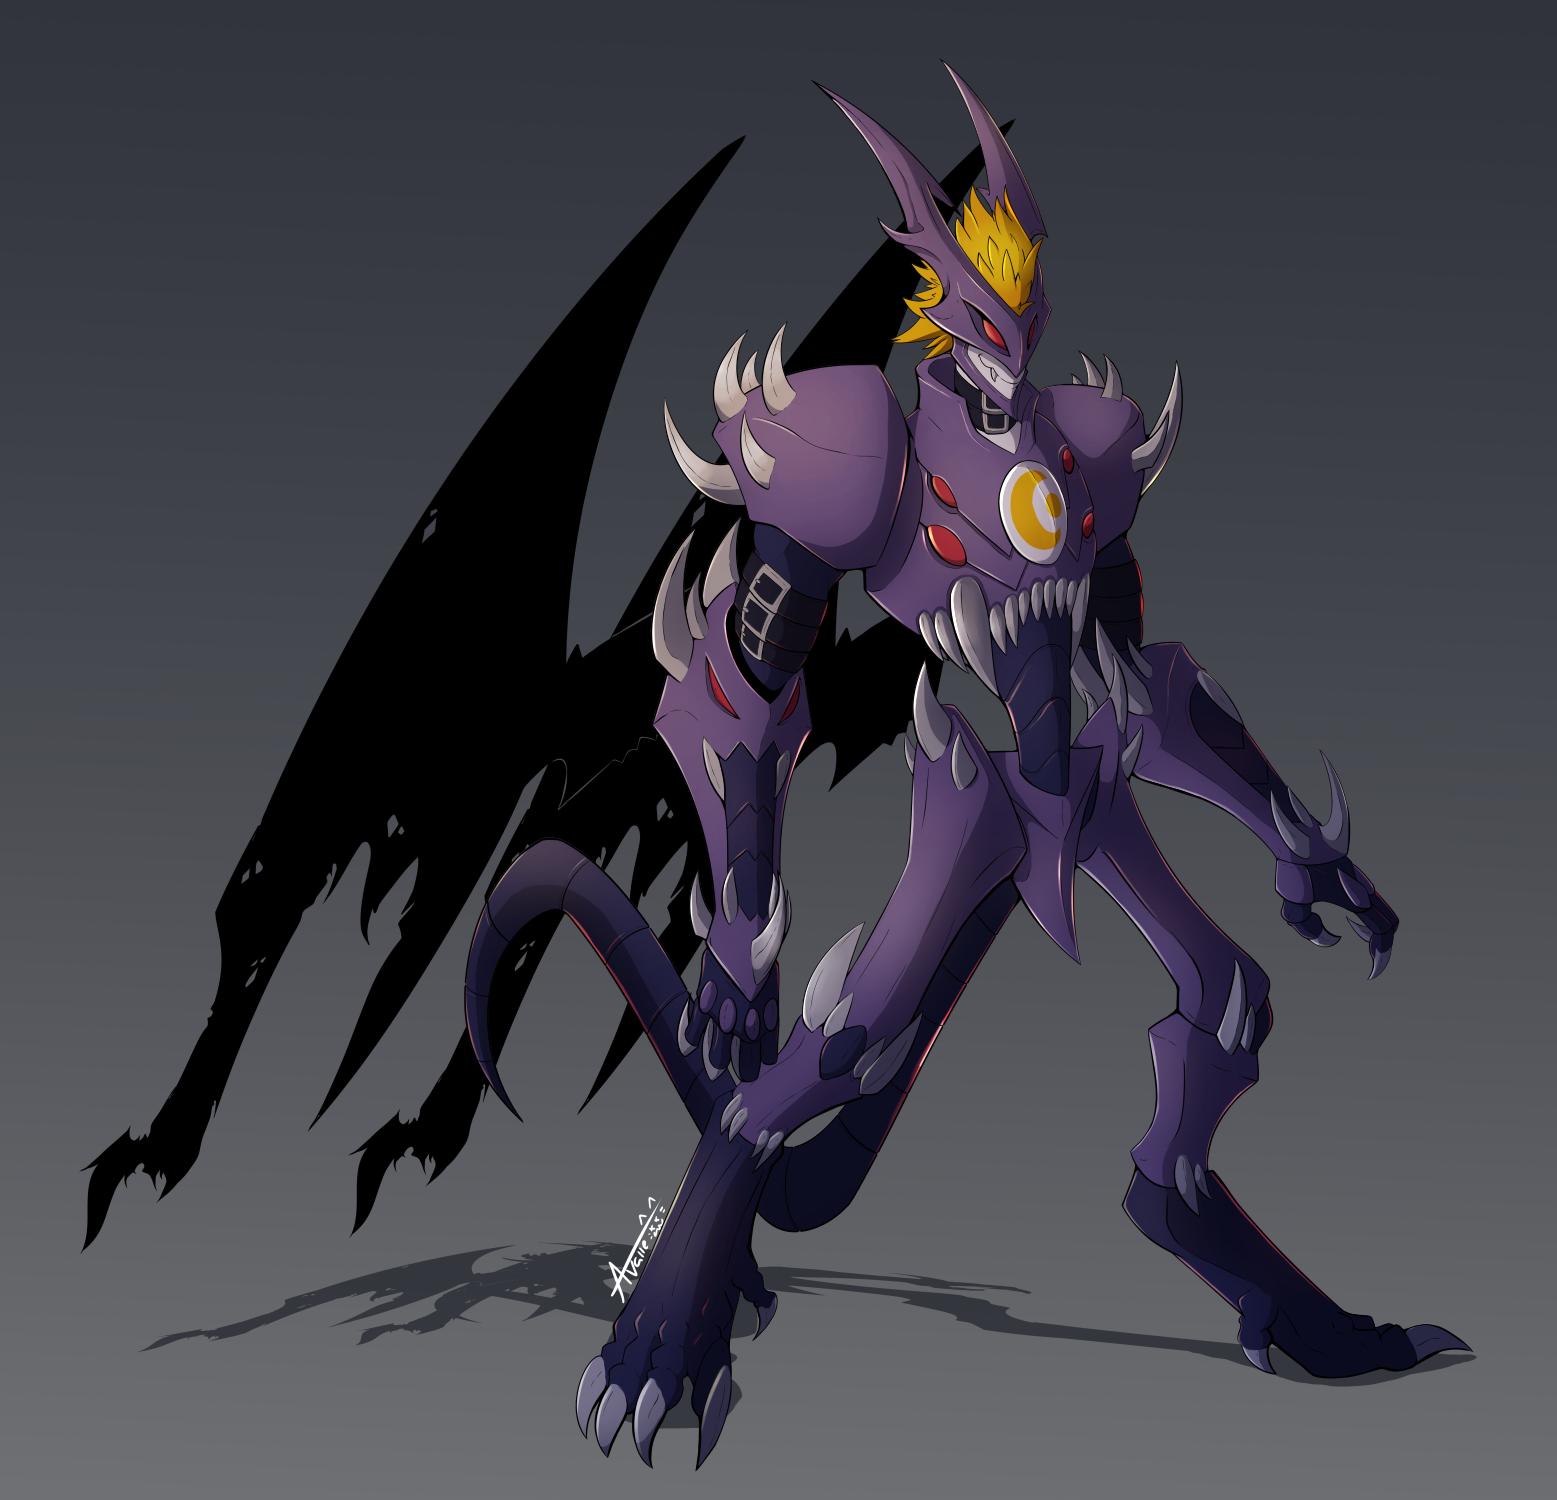 Neomyotismon by Undead...